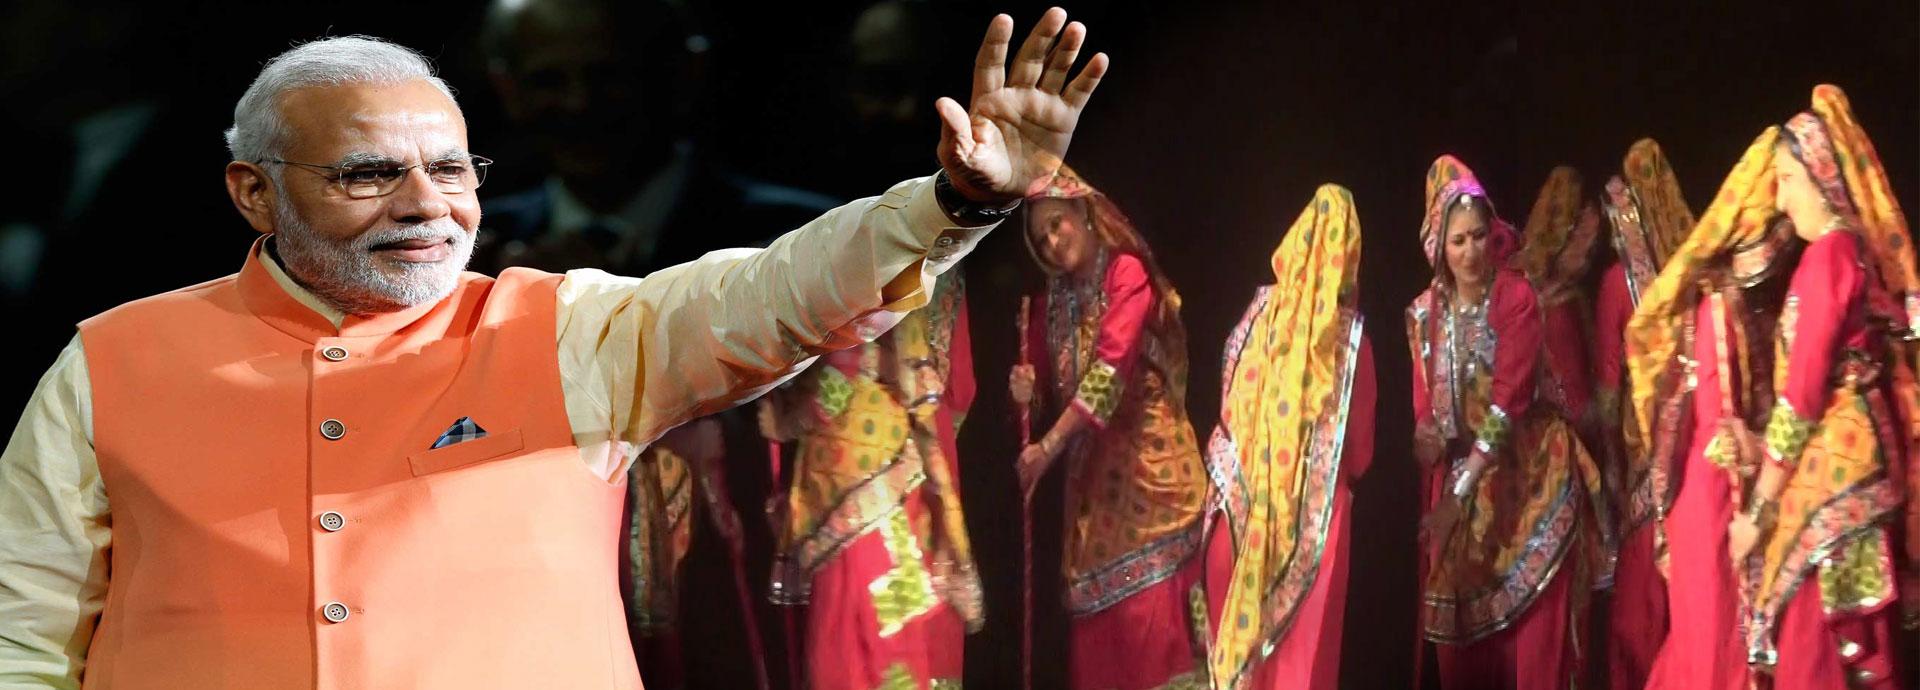 25 साल पहले पीएम मोदी ने लिखा था ये गाना, जिस पर दृष्टिहीन लड़कियों ने किया गरबा